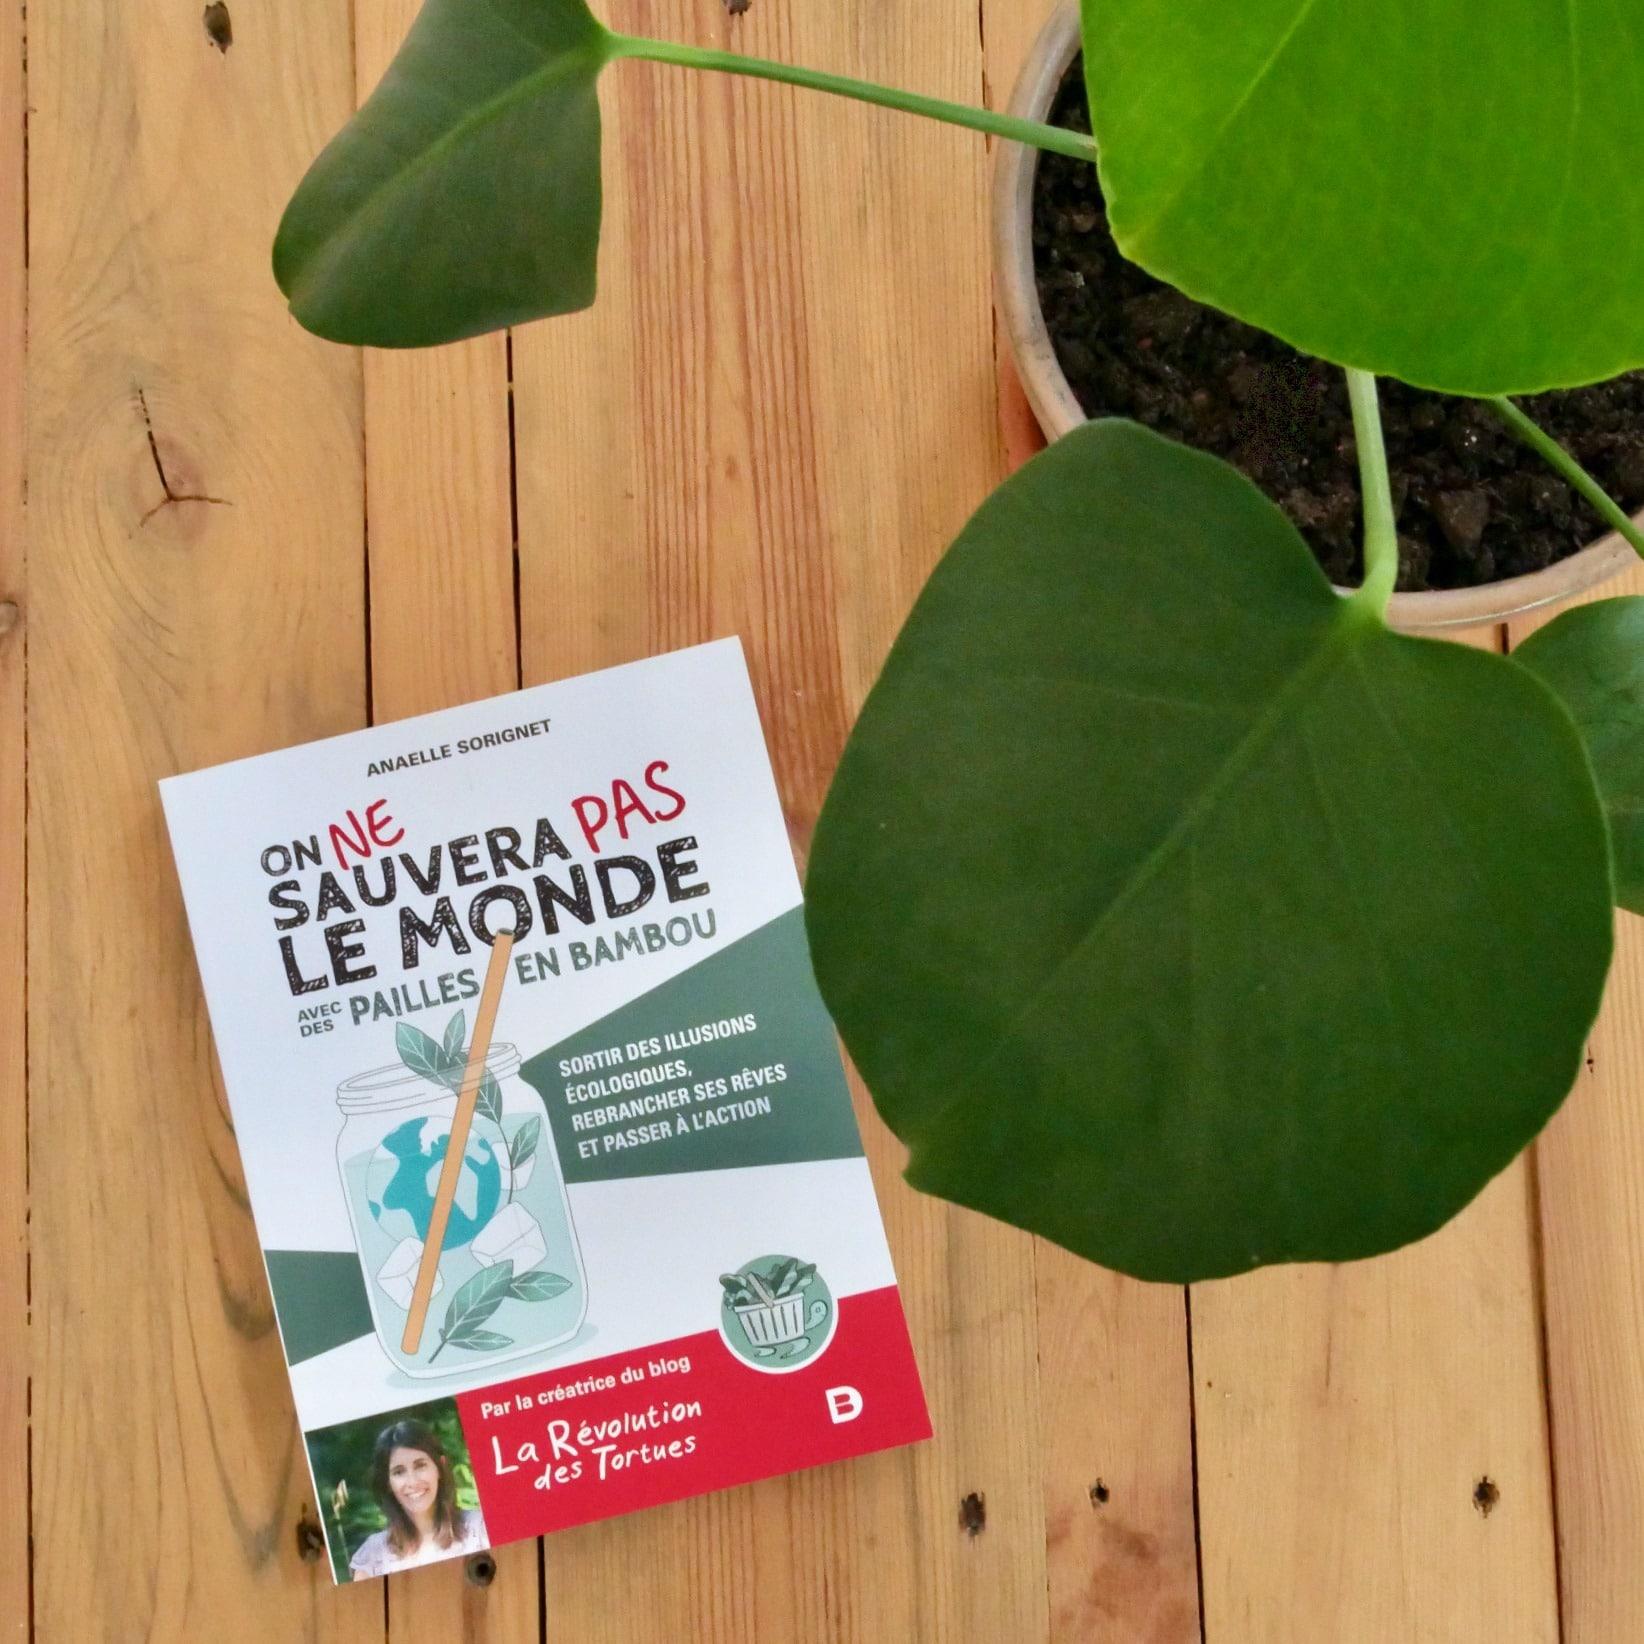 Anaelle Sorignet écrit son premier ourvage